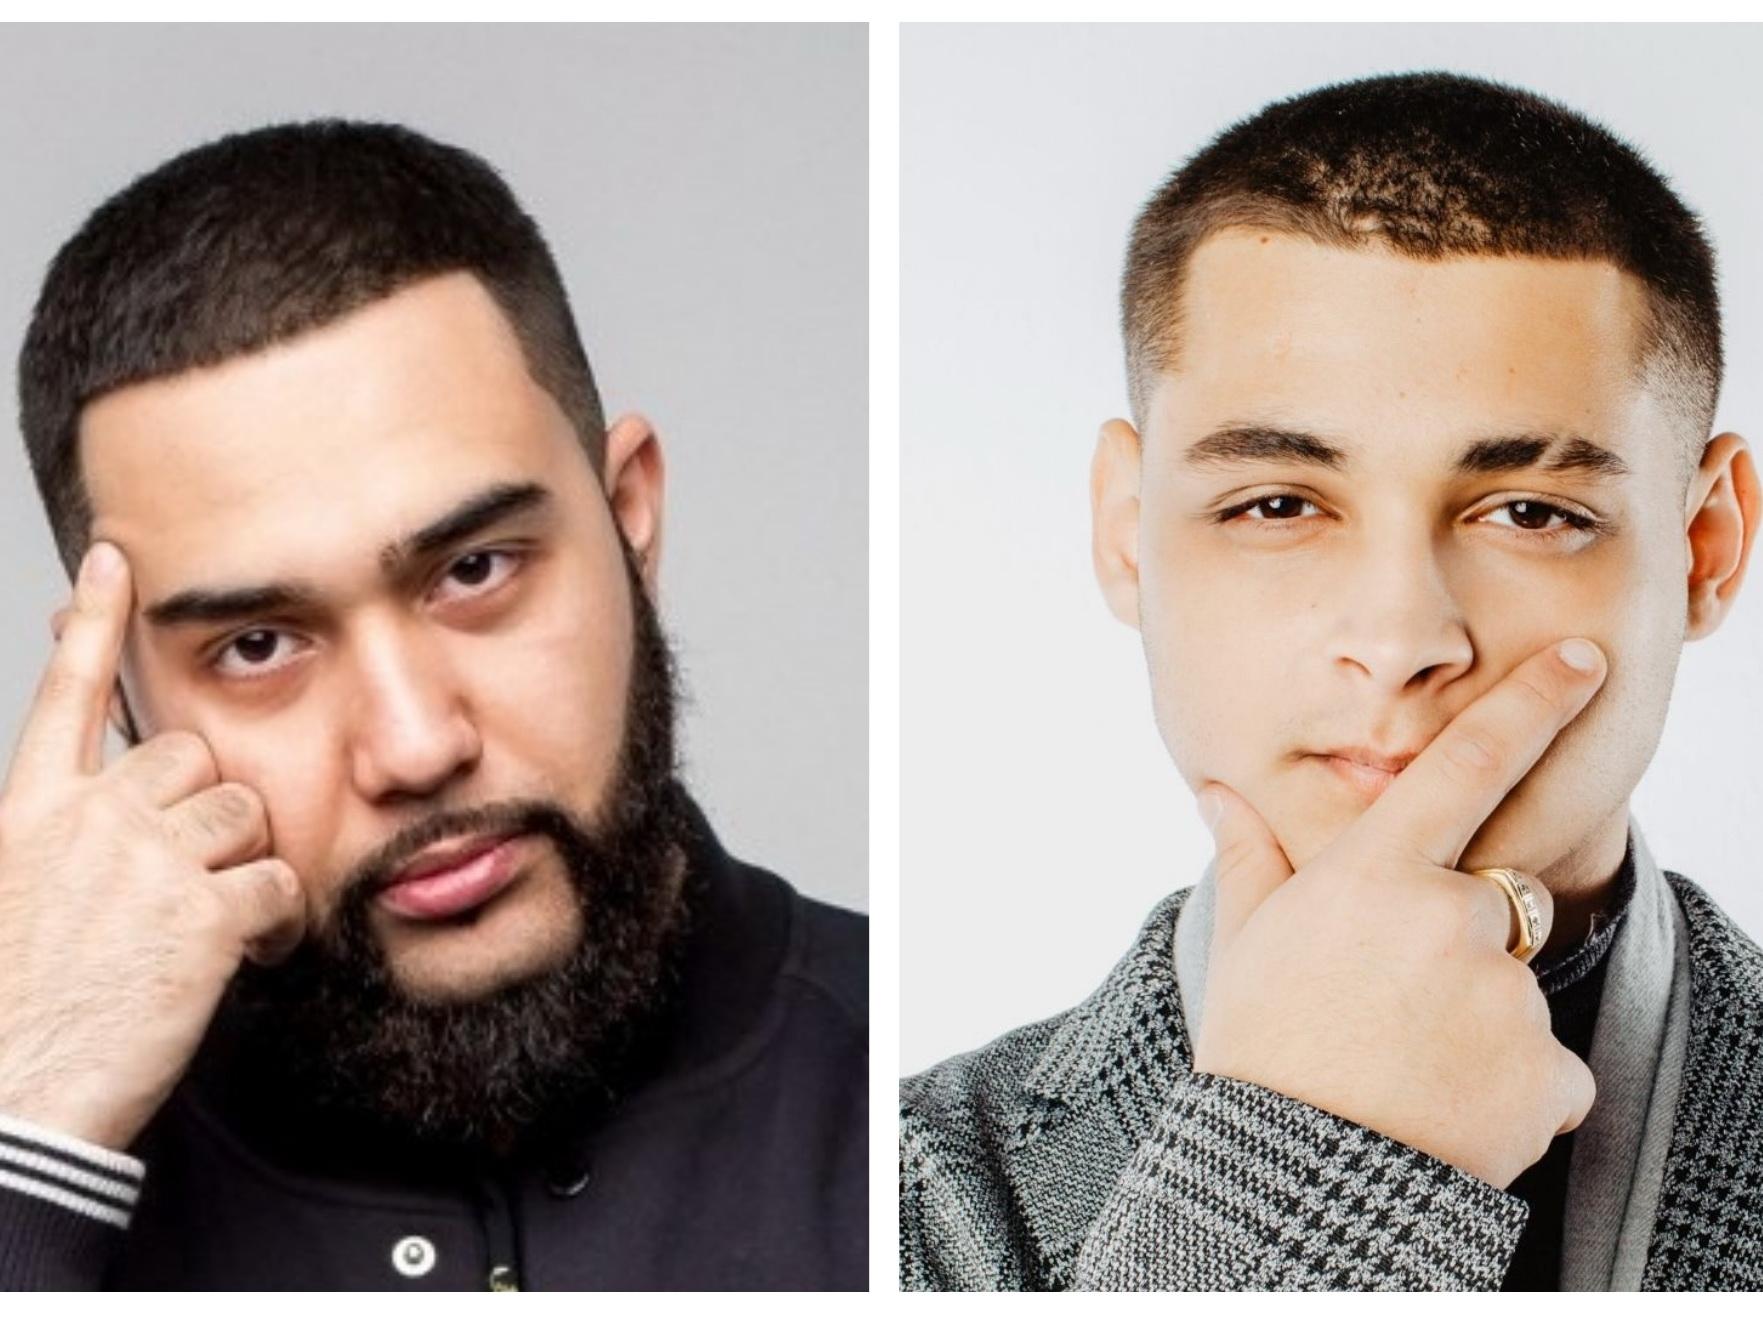 Jah Khalib оказался втянутым в новый скандал, негативно высказавшись о рэпере CYGO  – ФОТО